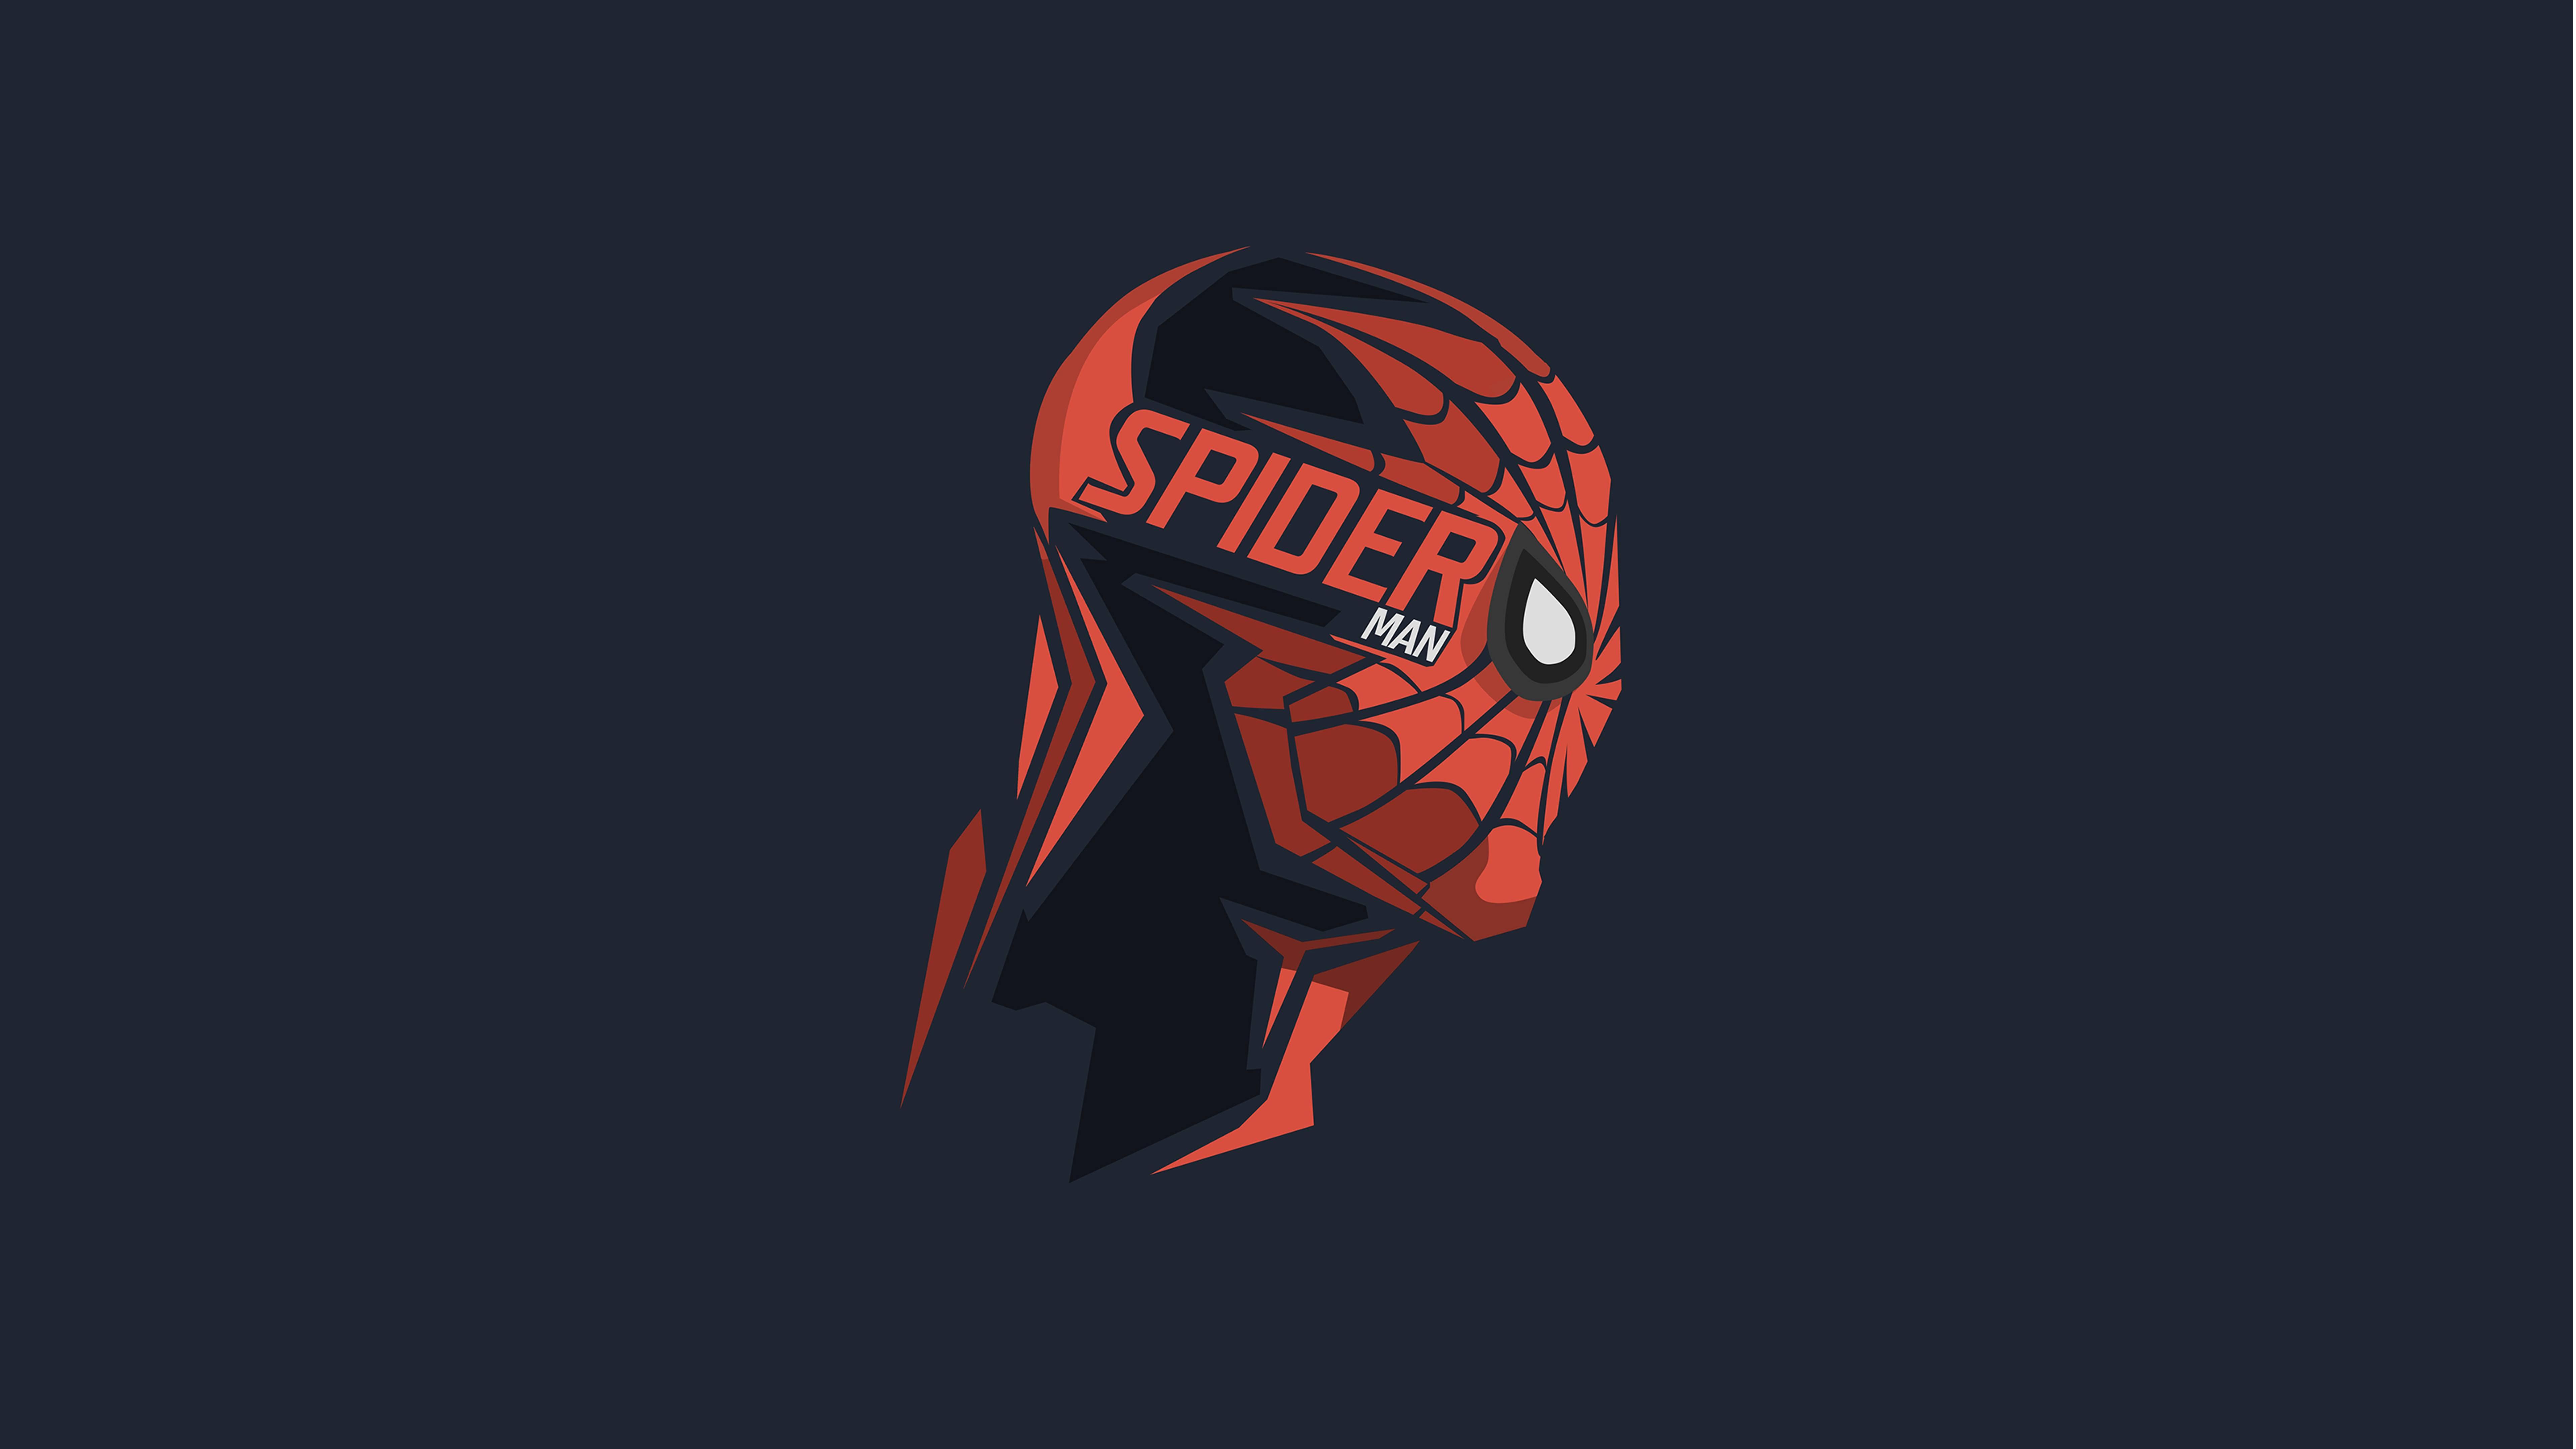 Spiderman Wallpaper 61 7680x4320